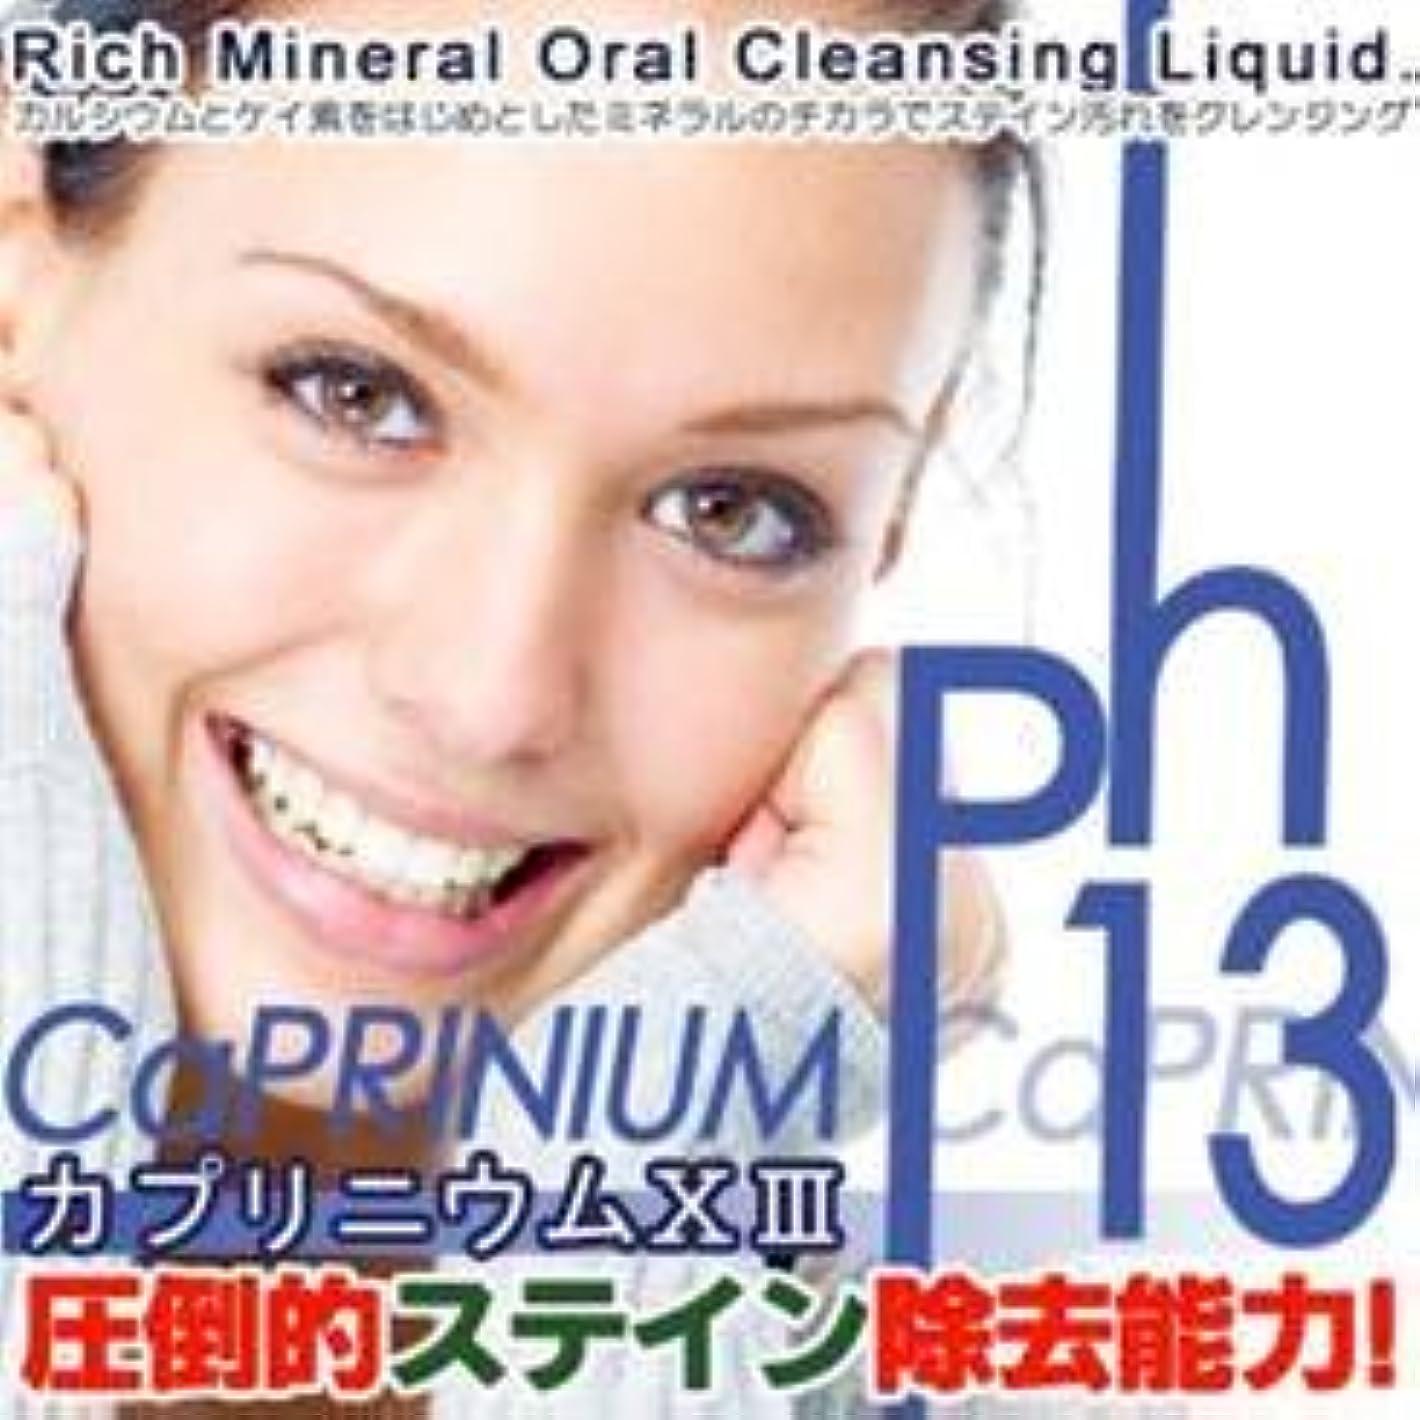 噂同意する流行しているカプリニウムサーティーンジェル1個入(10日分) 電動歯ブラシ対応歯磨きジェル